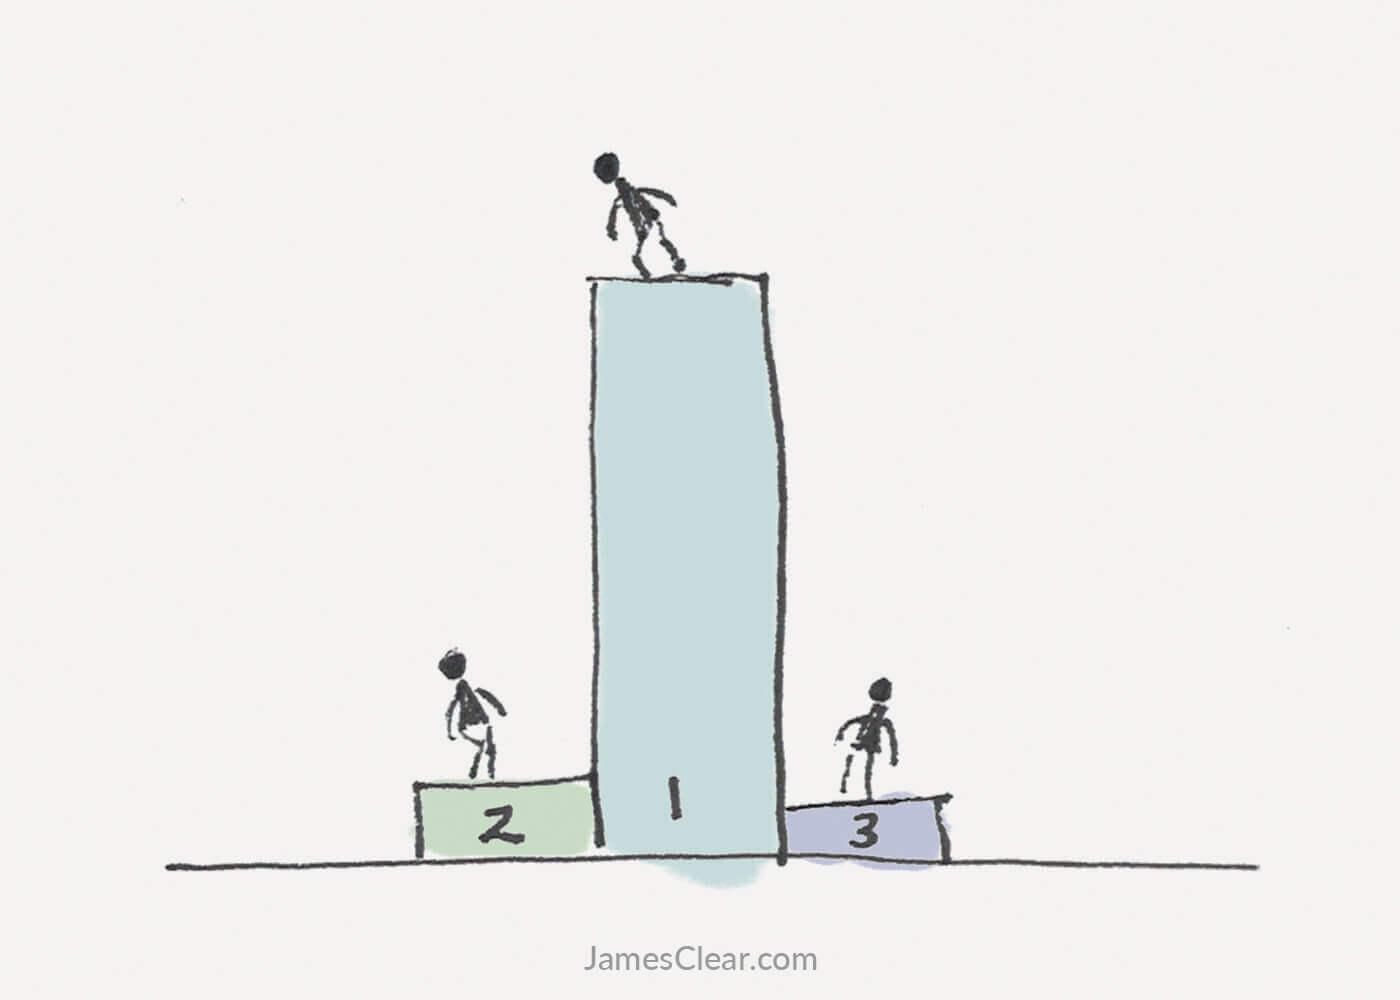 Proč zlomek lidí nahromadí většinu odměn?